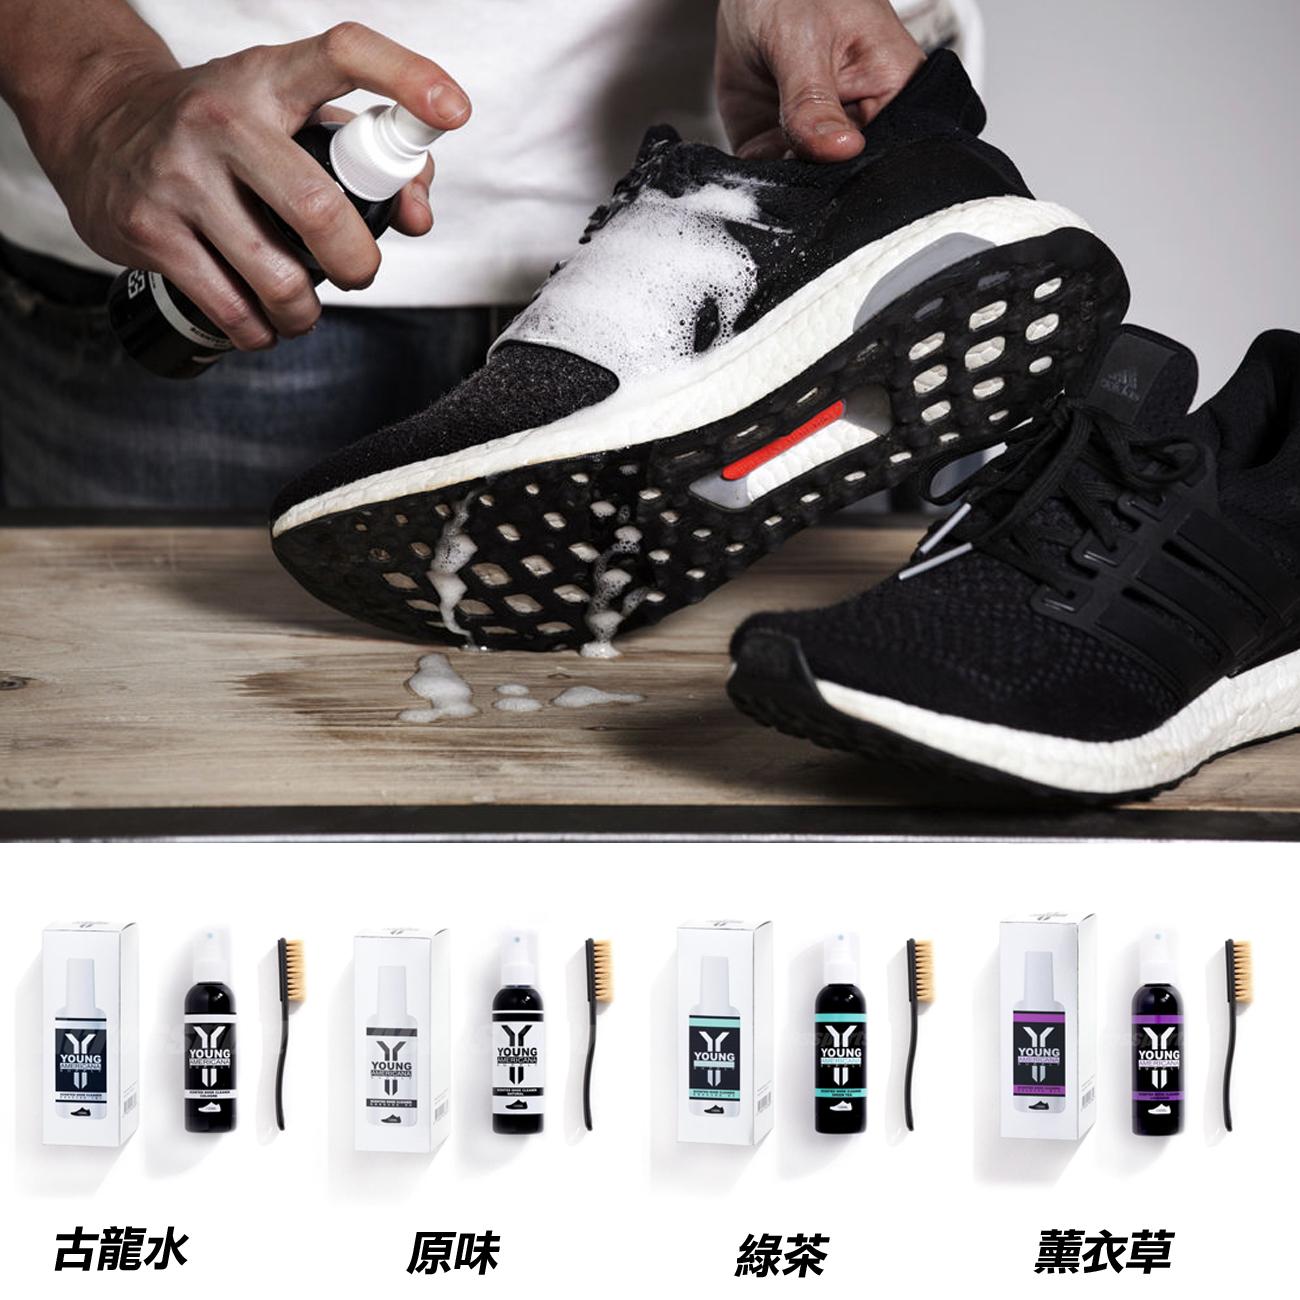 Y.A.S 美鞋神器 鞋類香氛洗潔組 4種口味 古龍水 / 原味 / 薰衣草 / 綠茶 135ml 附刷子 【PUMP306】